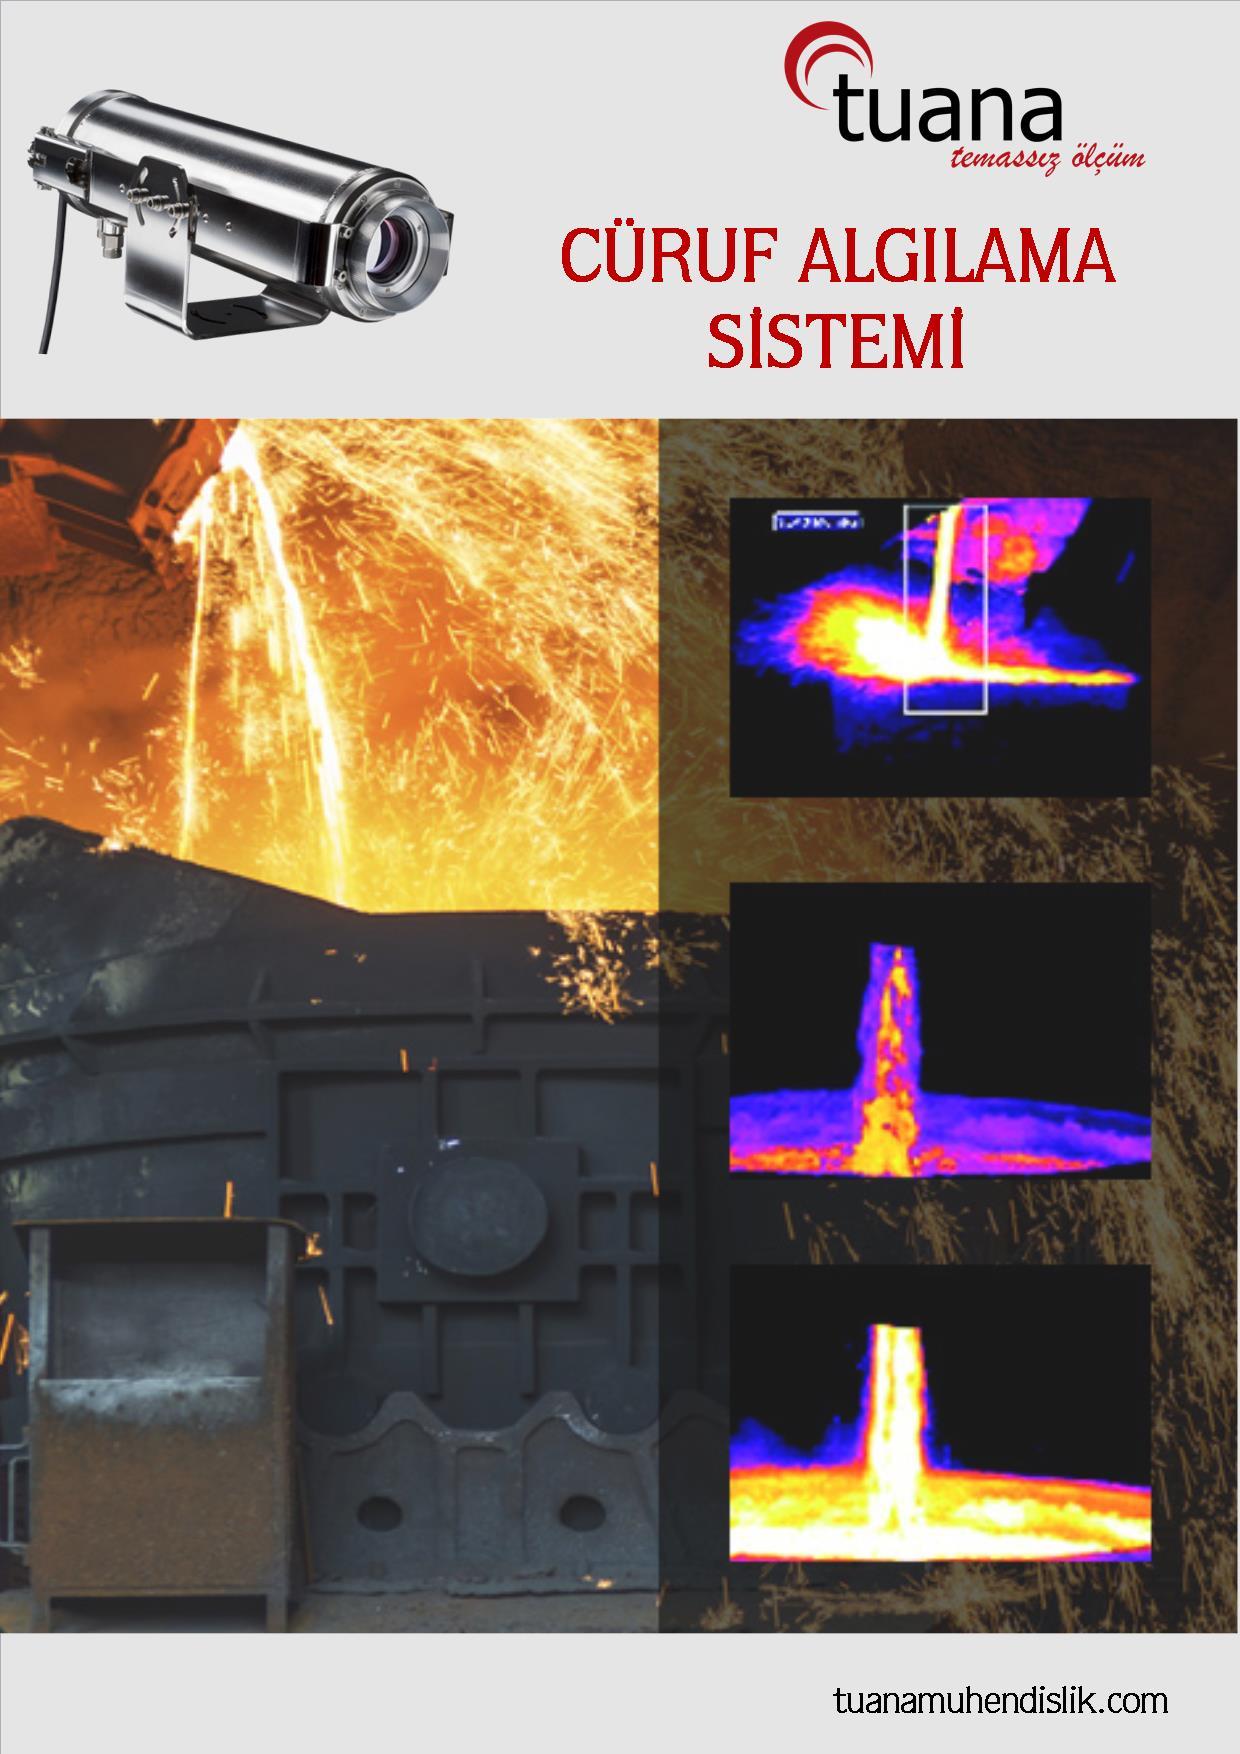 Cüruf_Algılama_Sistemi_termal_kamera